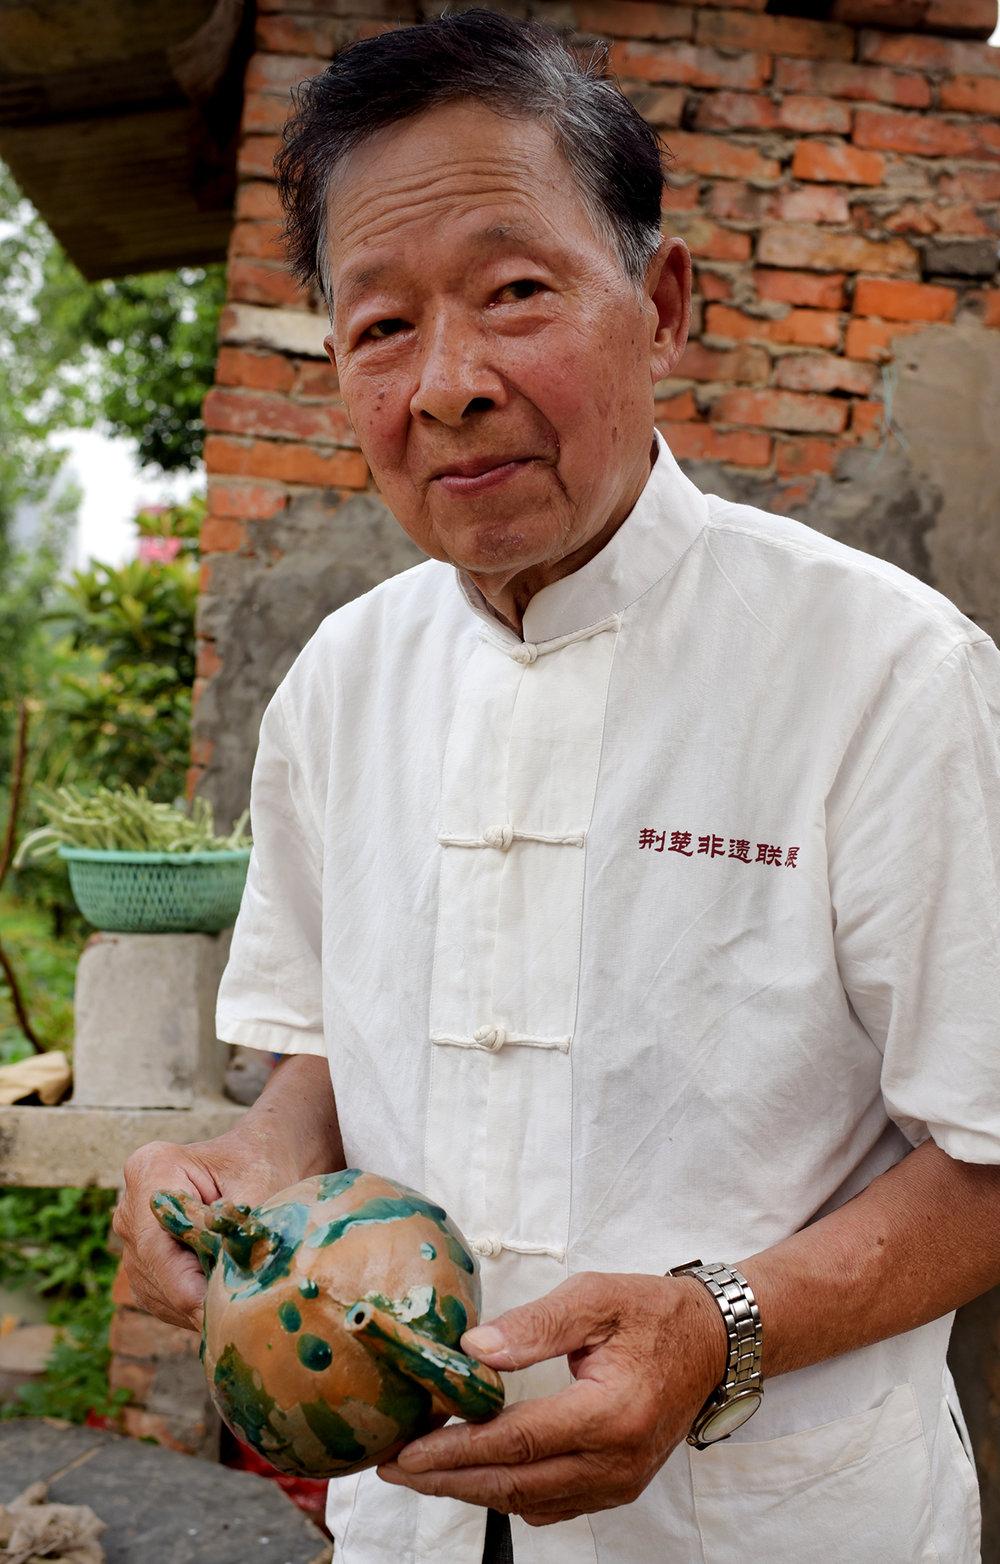 Xia Yugu